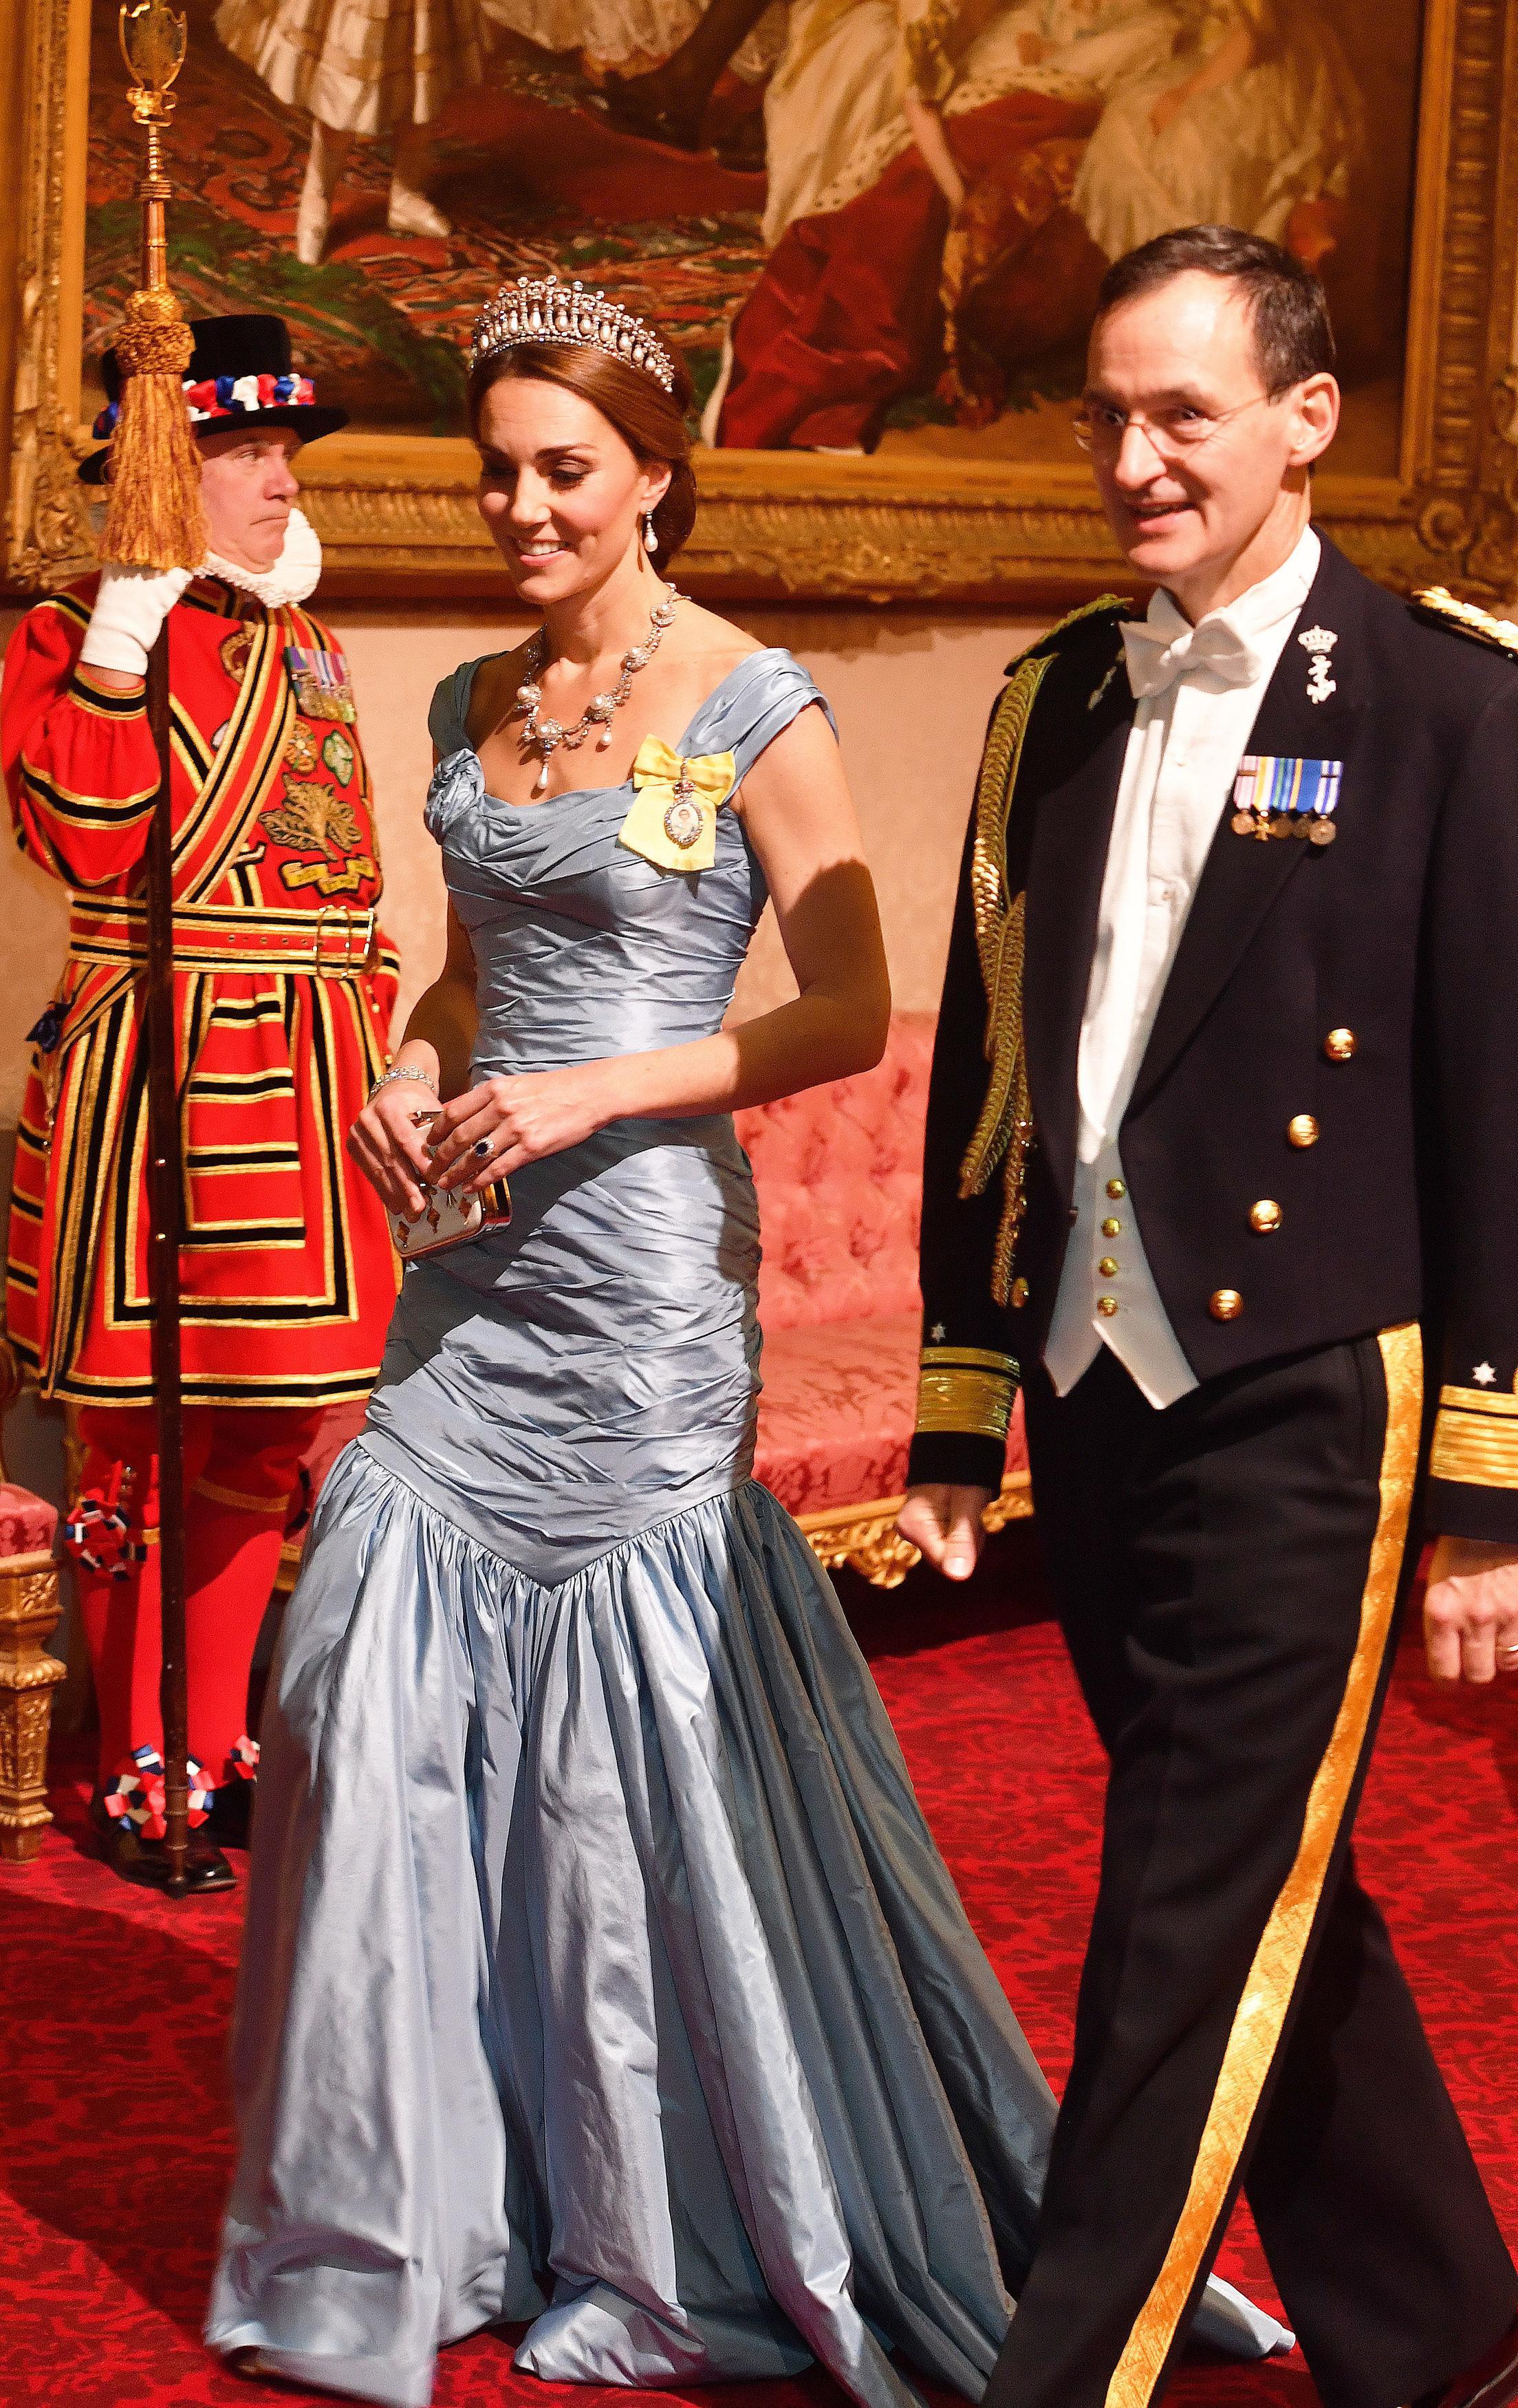 """За пореден път херцогинята на Кеймбридж заложи на рокля без ръкави, дело на Александър Маккуин. Елегантната рокля е в синята гама. Прическата на Кейт изцяло подхожда на тоалета, а бижутата й го правят още по-впечатляващ, пише сп. """"Харпърс базар"""". Херцогиня Мидълтън е заложила на красива тиара с перли, която по-рано е била любима на покойната принцеса Даяна. Освен тиарата, Кейт носи и красива огърлица със скъпоценни камъни и перли, допълнена от обеци."""